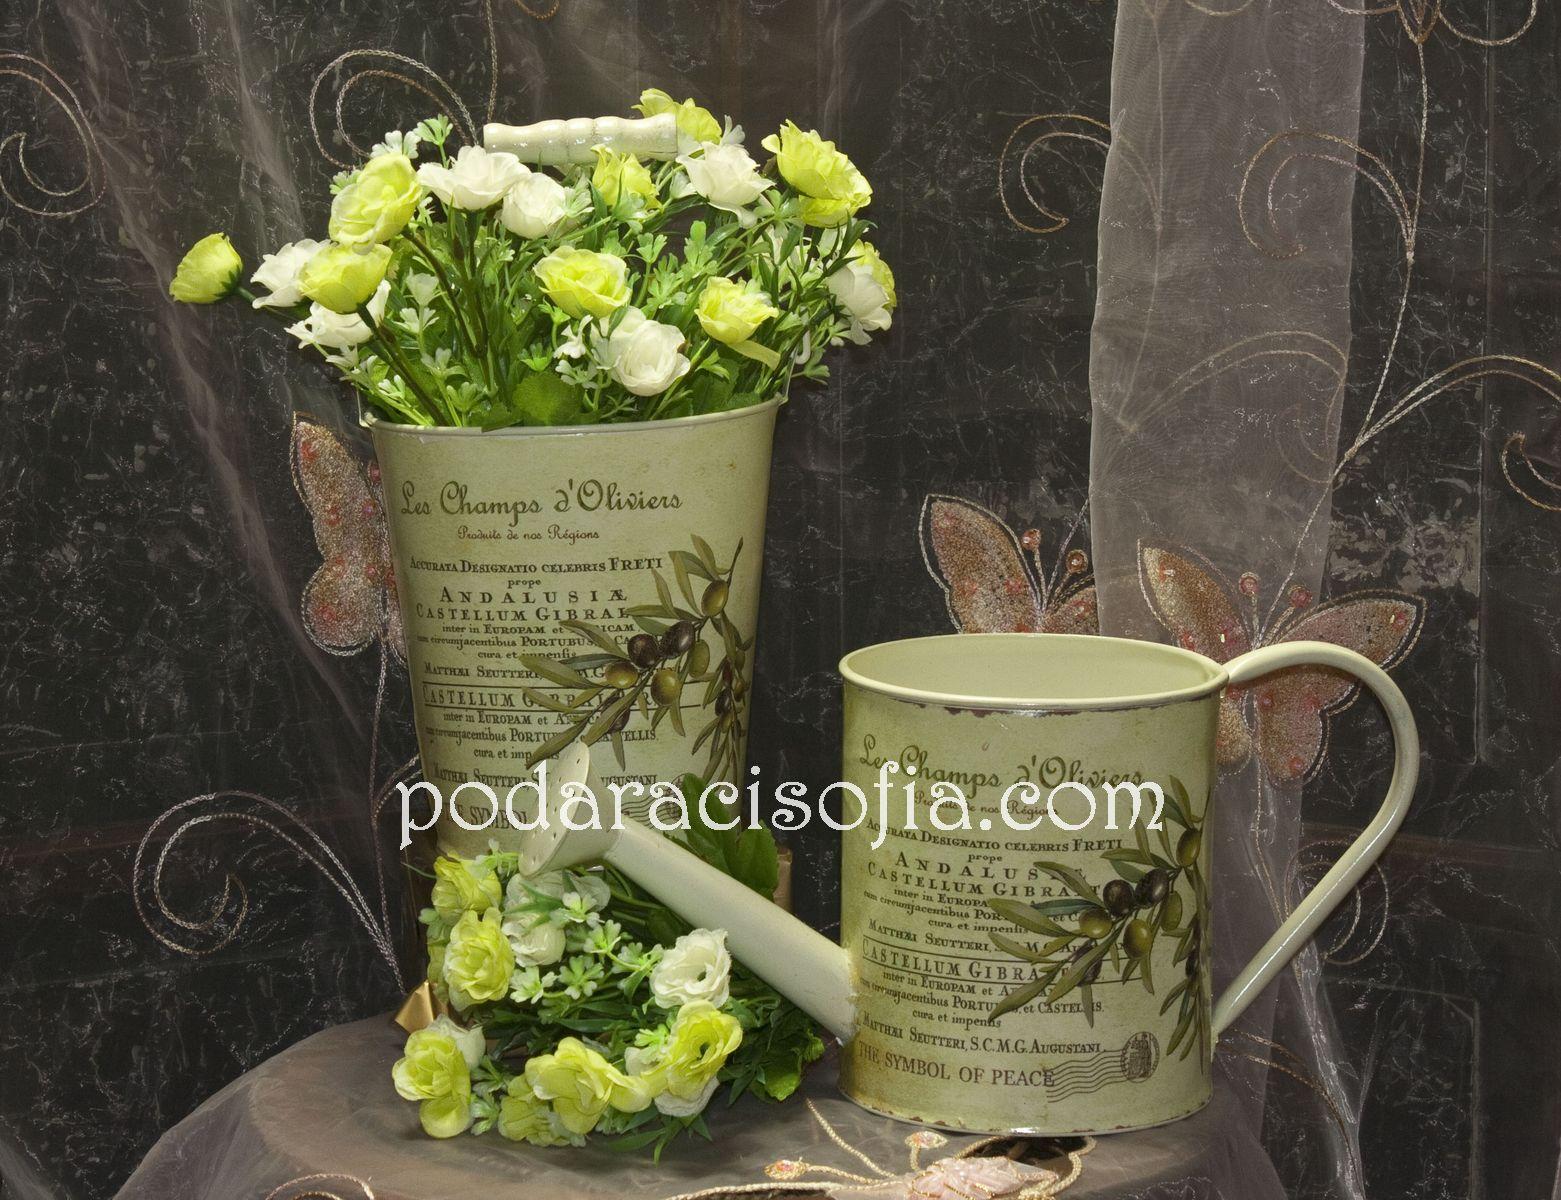 Метална лейка и метална кофичка за цветя, украсена със средиземноморски мотиви от Gifts